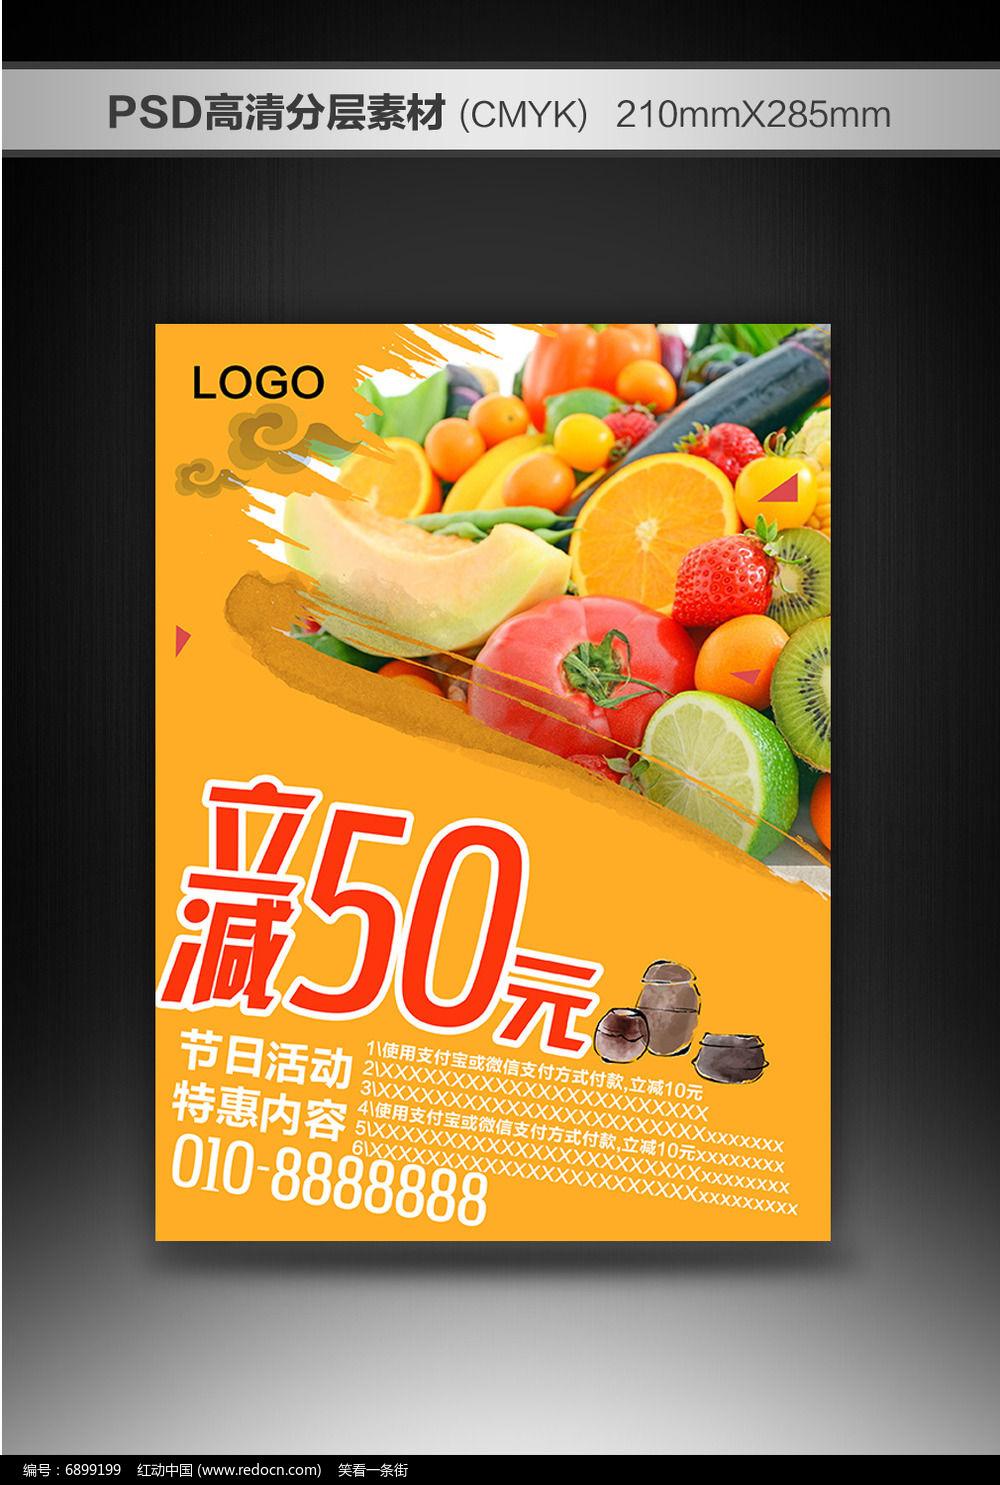 水果超市优惠特价活动宣传单页设计图片,高清大图_素材图片